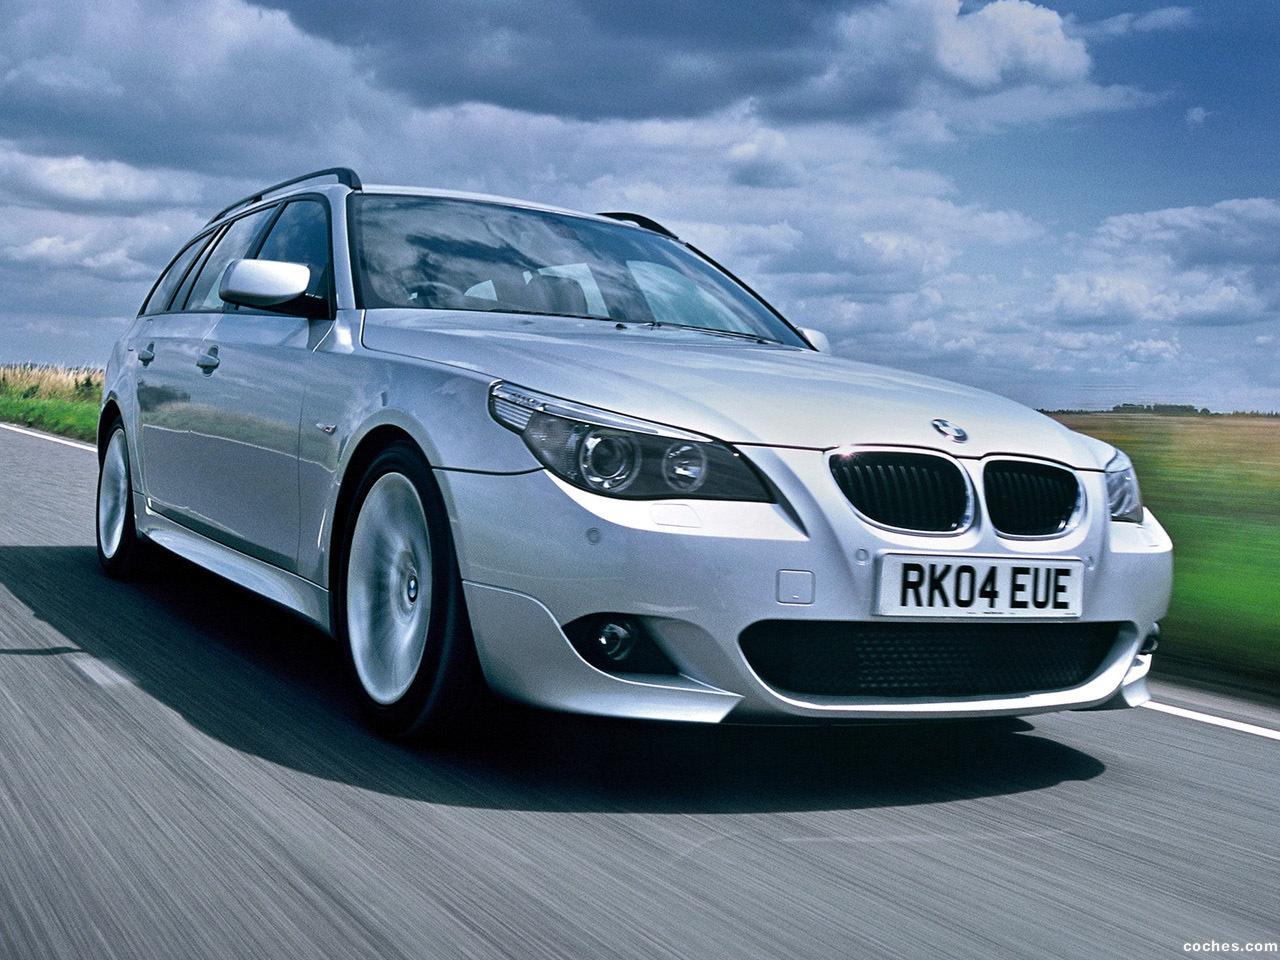 Foto 9 de BMW Serie 5 535d Touring M Sports Package UK E61 2005